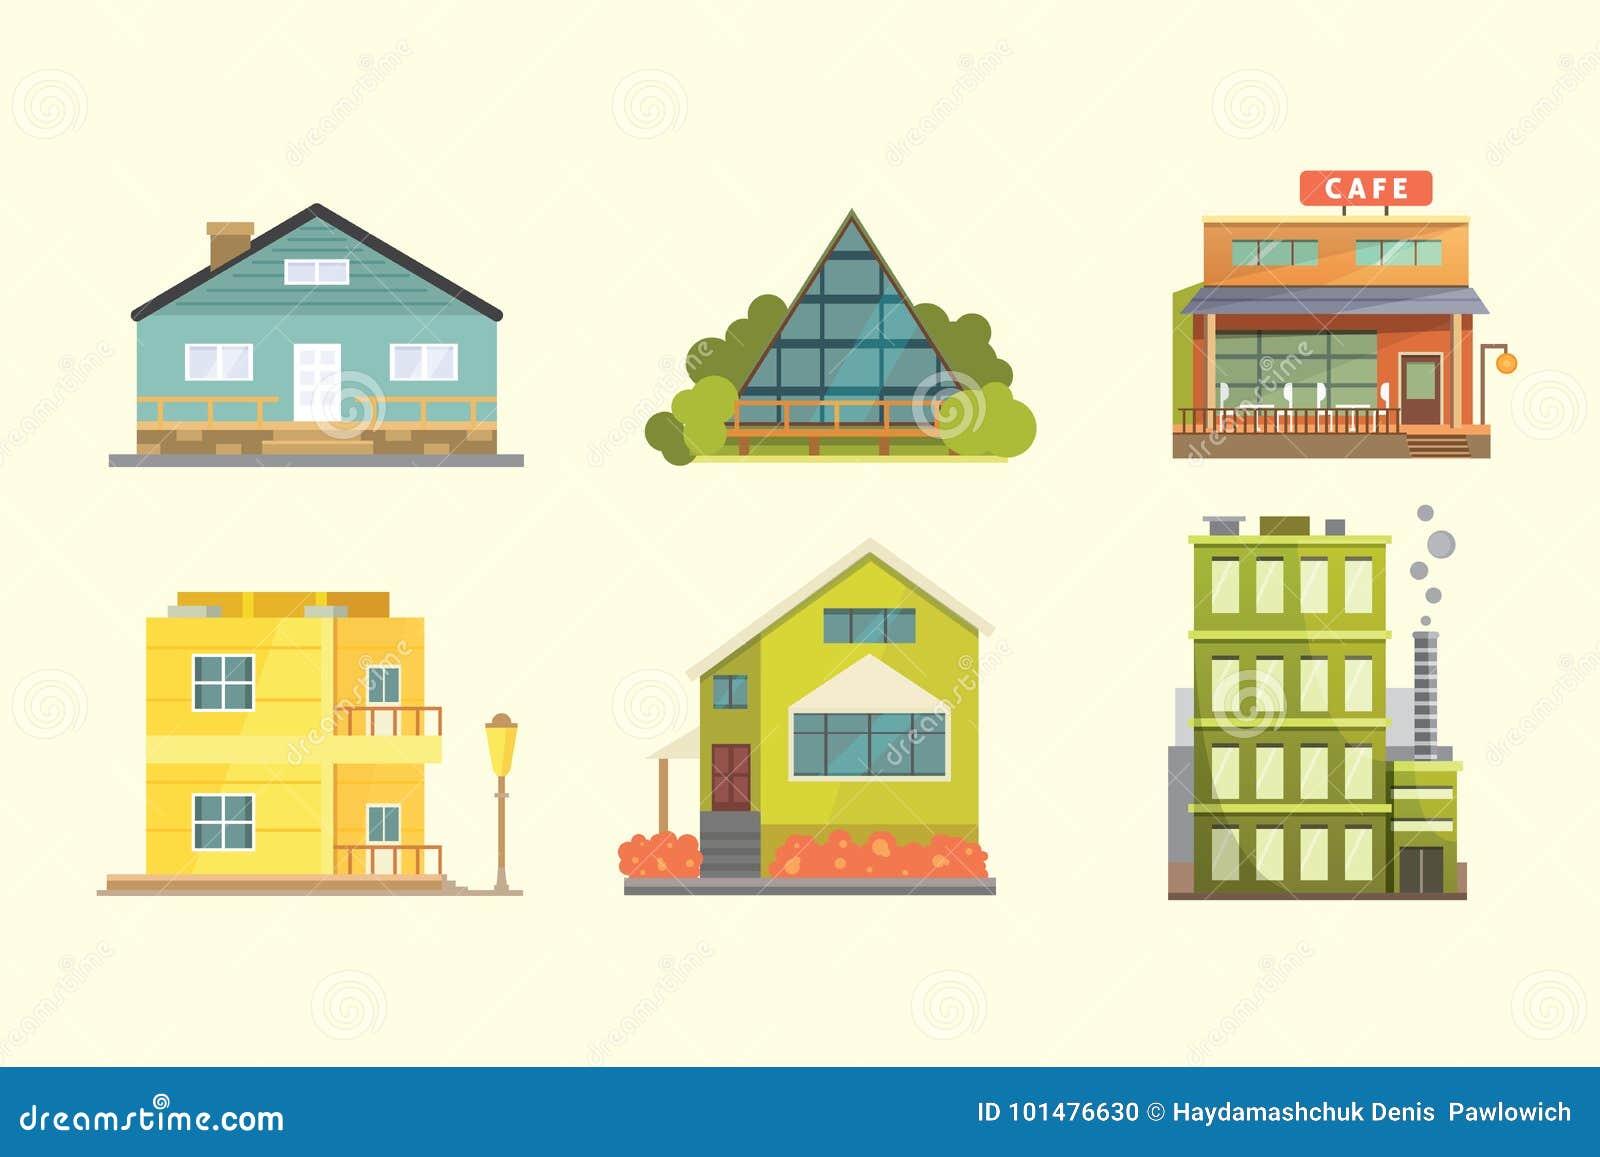 Stili Di Case Moderne.Insieme Delle Case Residenziali Di Stili Differenti Costruzioni